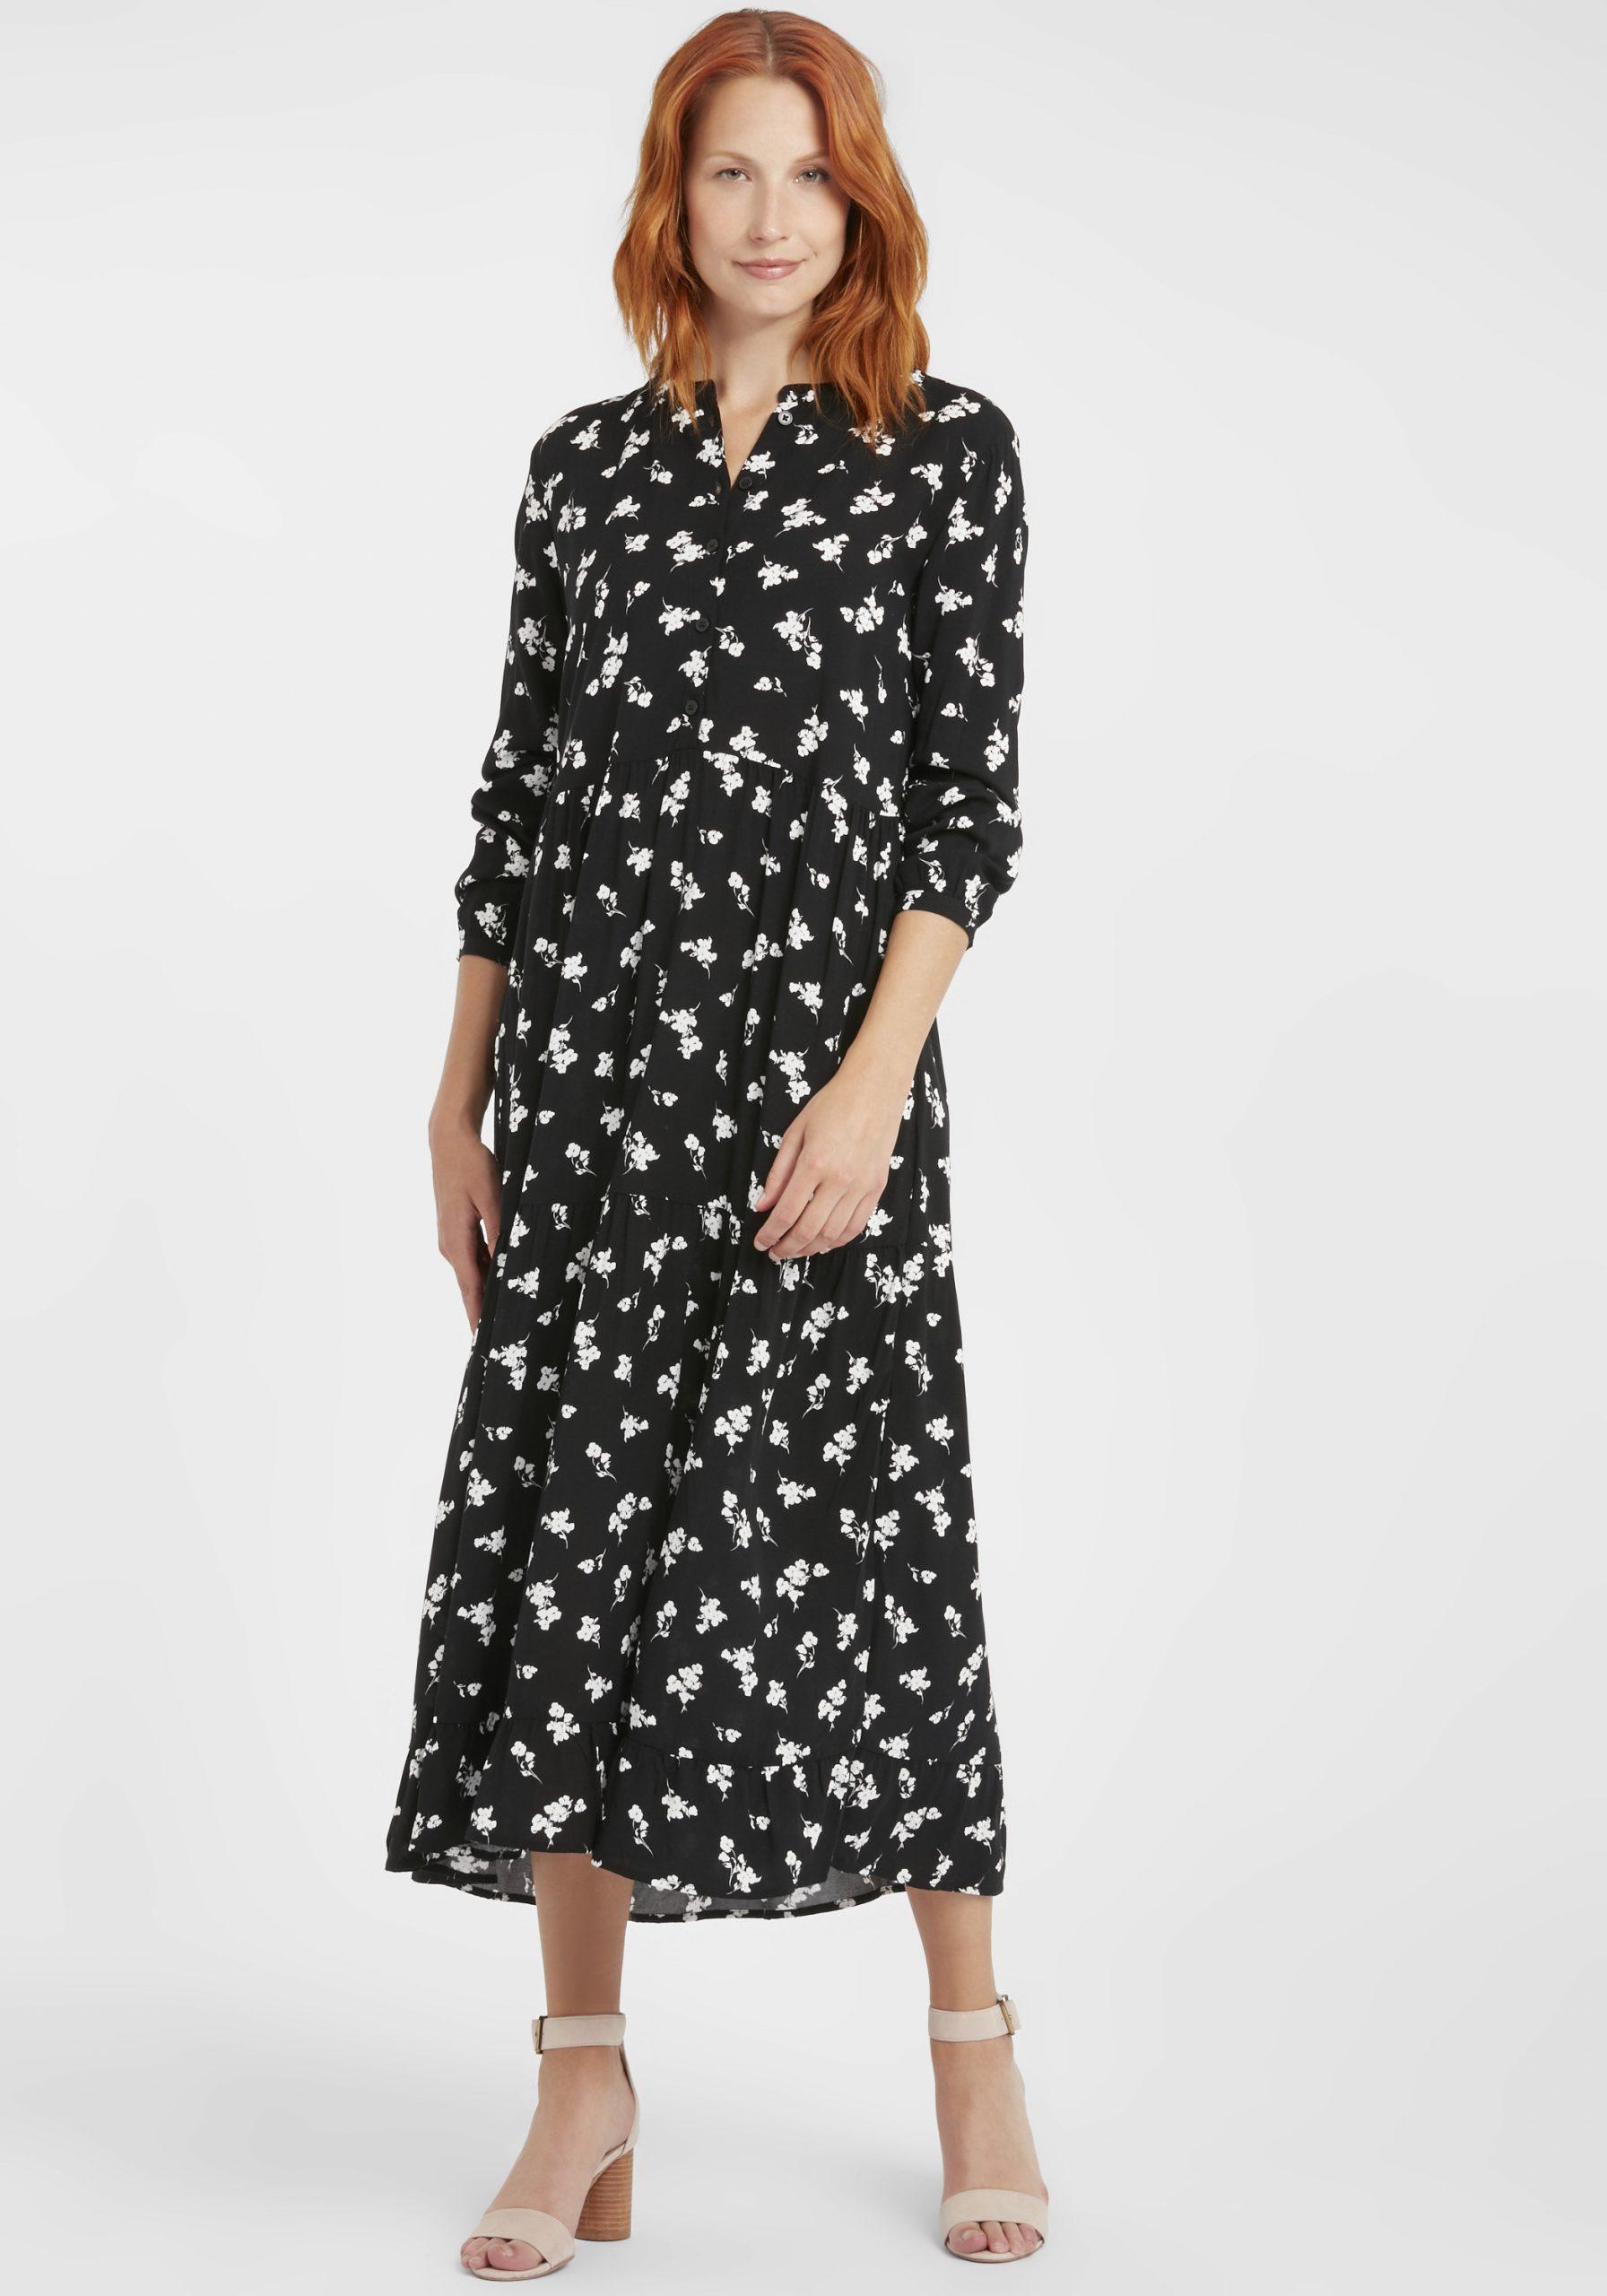 Byoung Damen Kleid Blusenkleid Sommerkleid 20807855 Mit